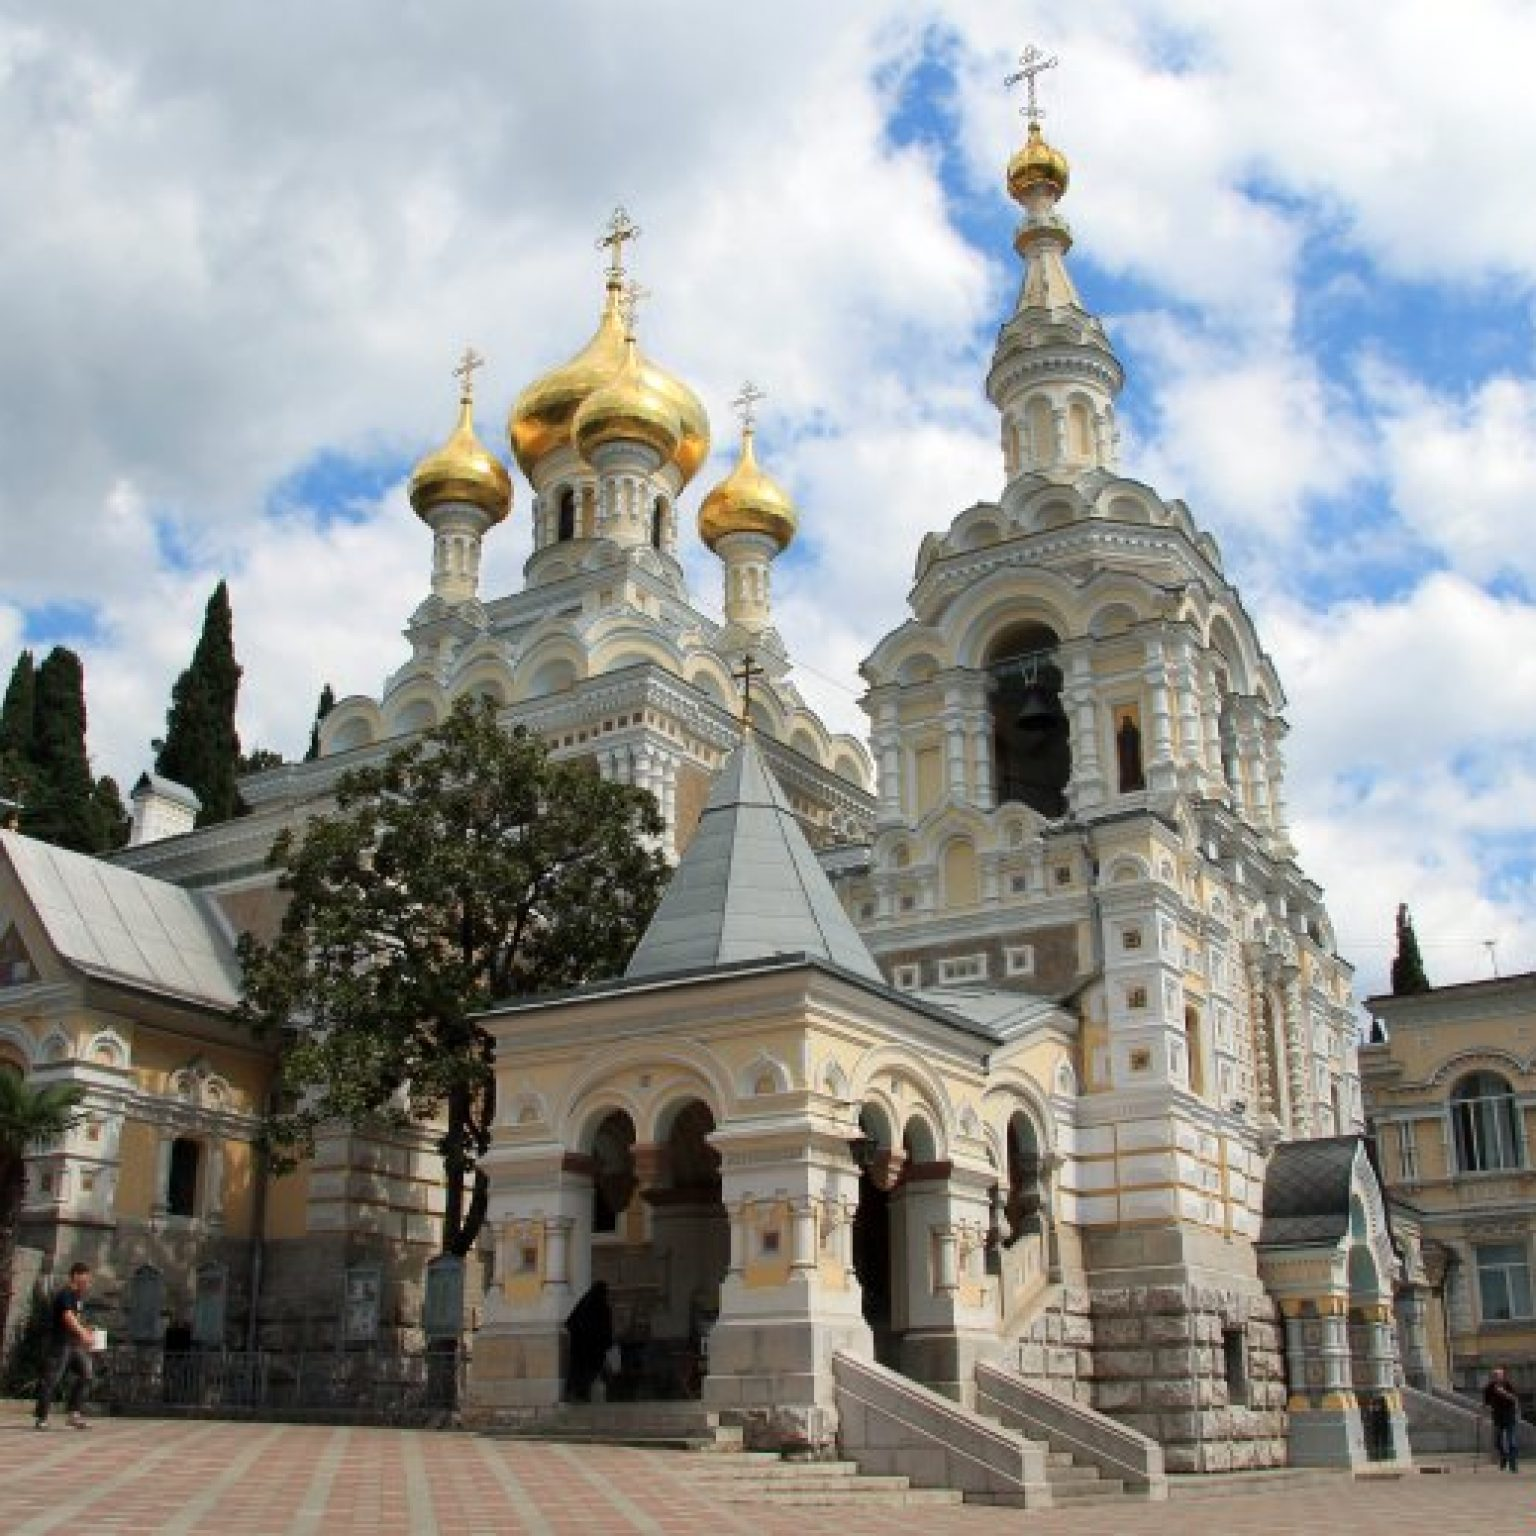 Достопримечательности Ялты – Собор Александра Невского